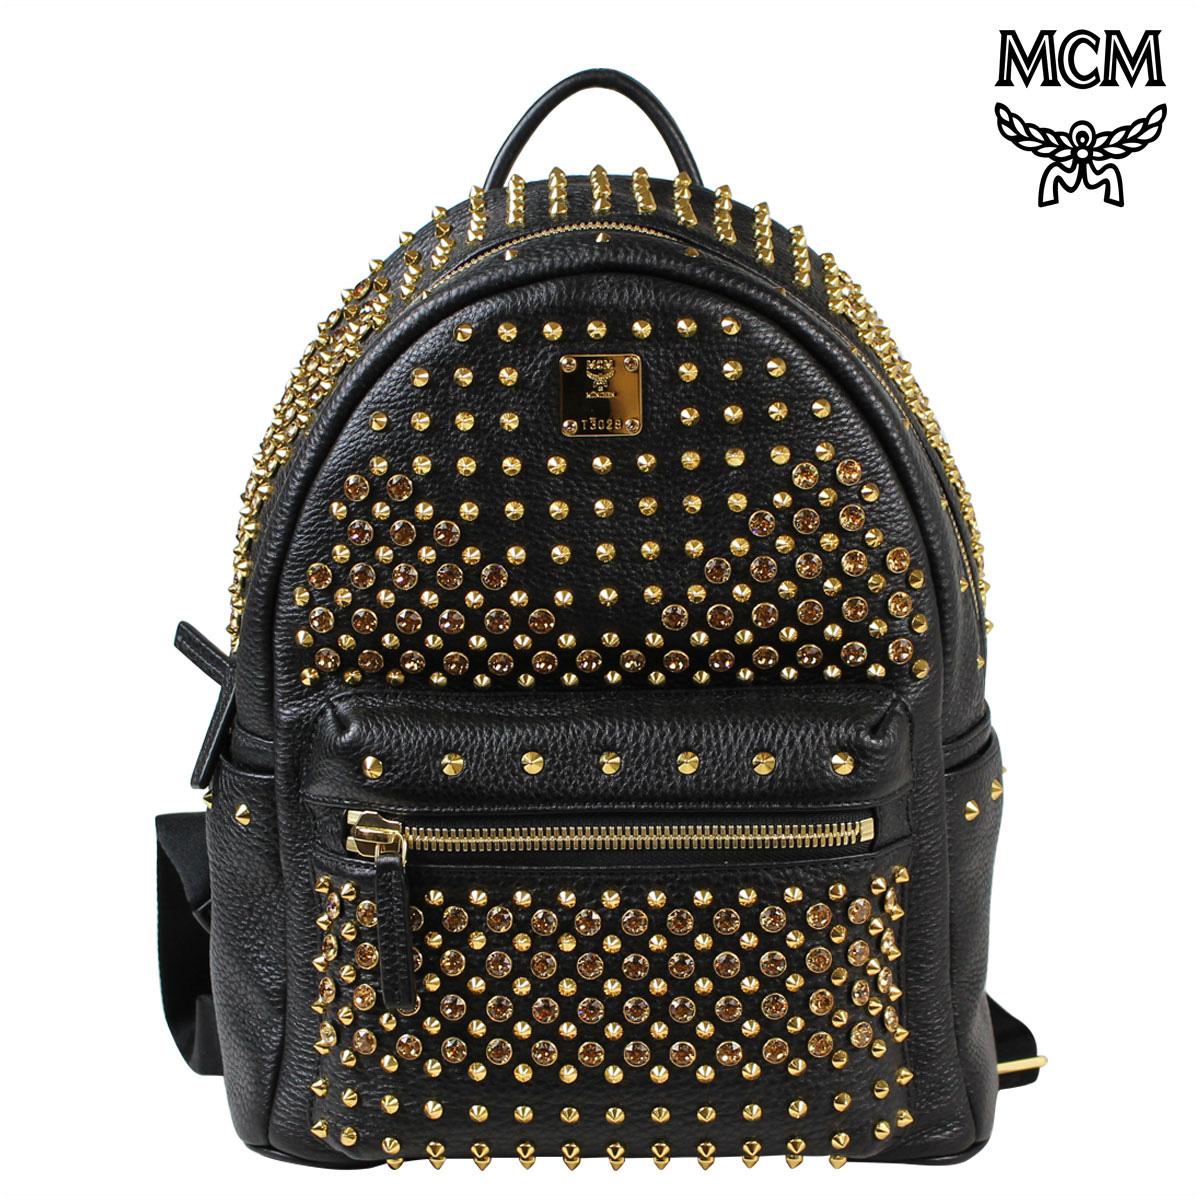 M Cm Mcm Bag Rucksack Backpack Mmk 5sve73 Bk001 Black Lady S